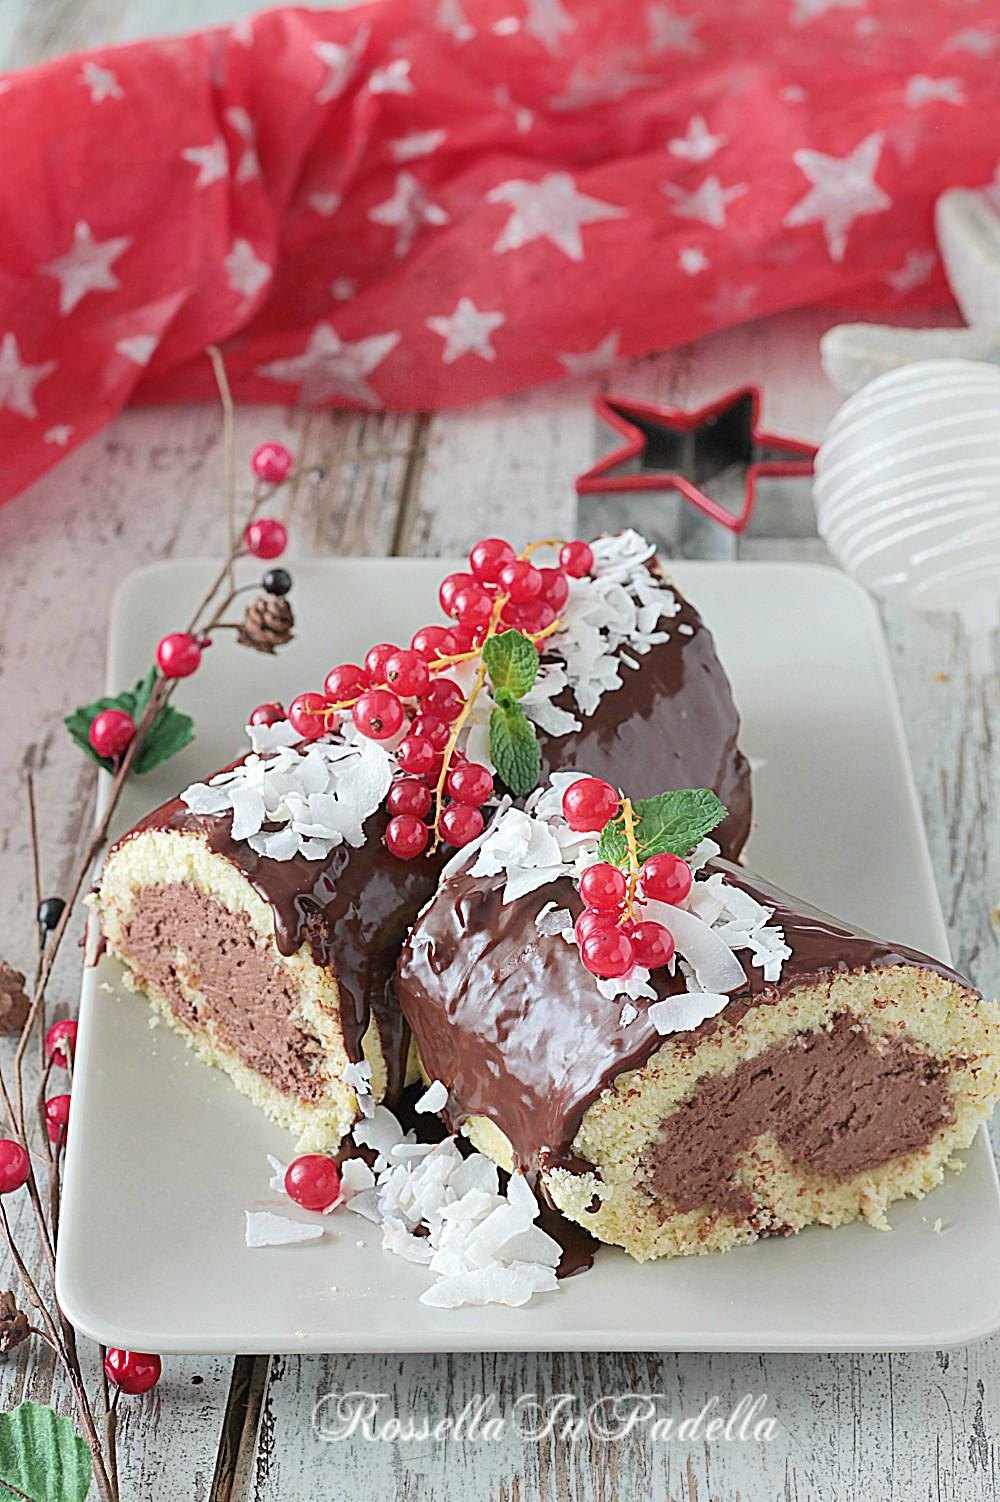 Ricetta Tronchetto Di Natale Per 10 Persone.Tronchetto Di Natale Al Cocco E Cioccolato